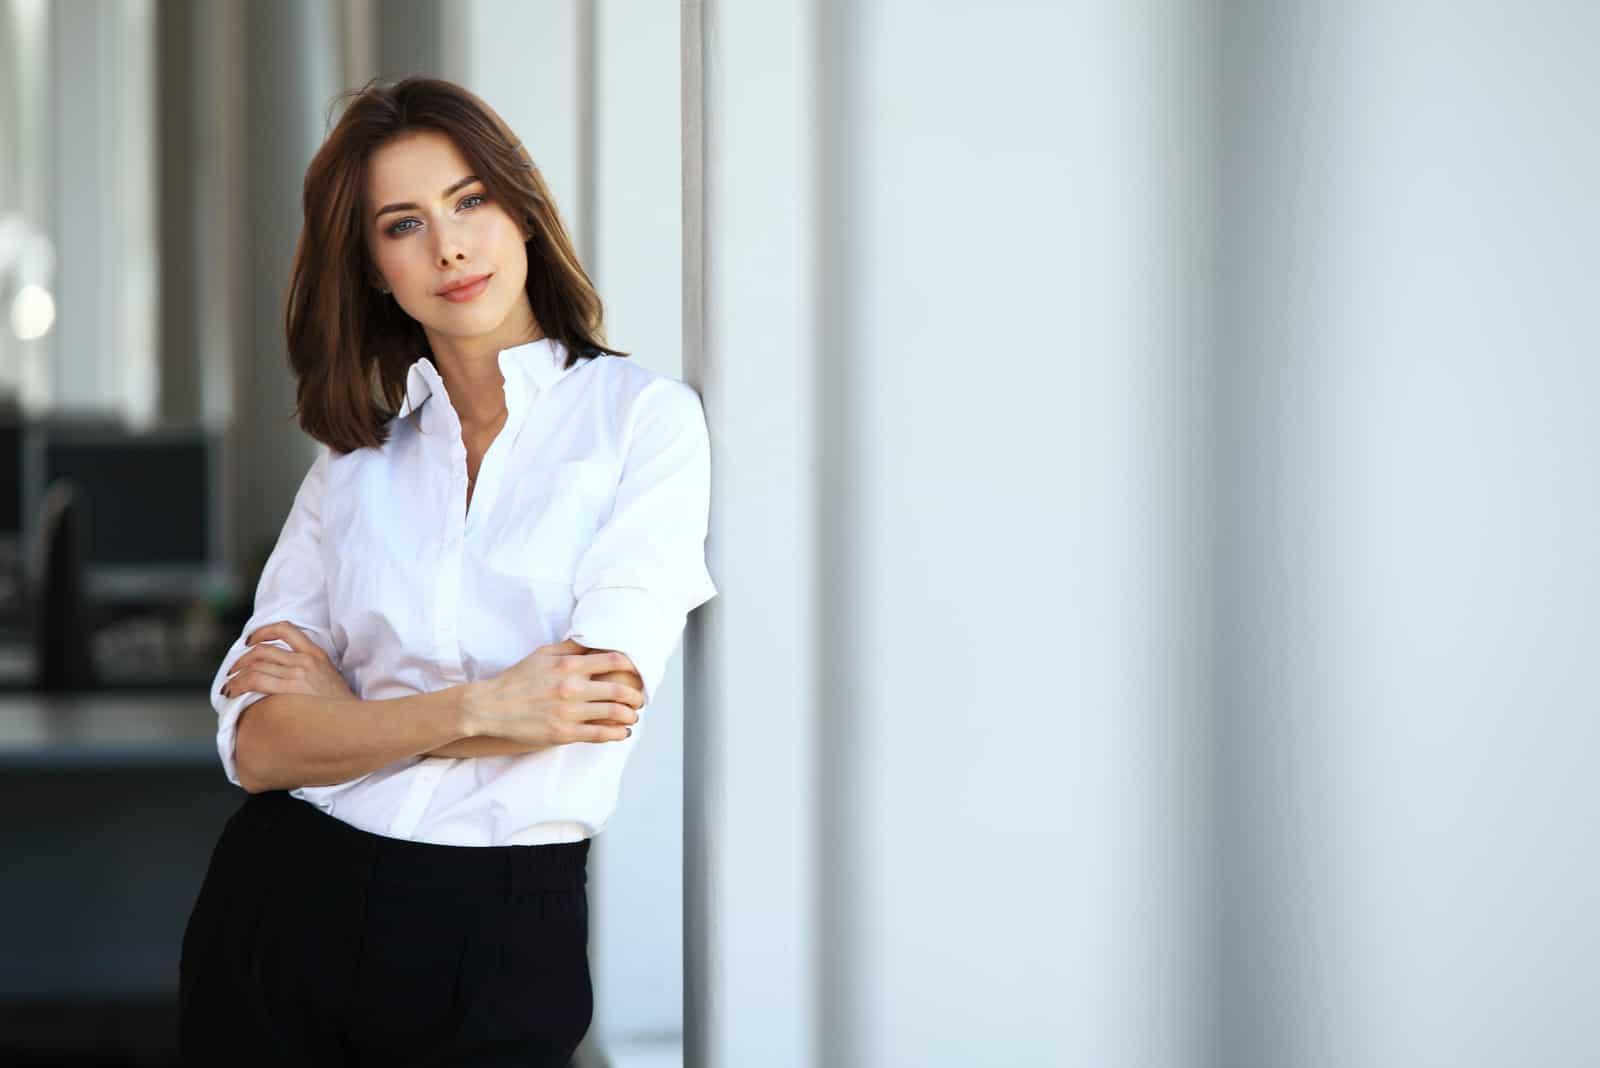 affärskvinna på kontoret